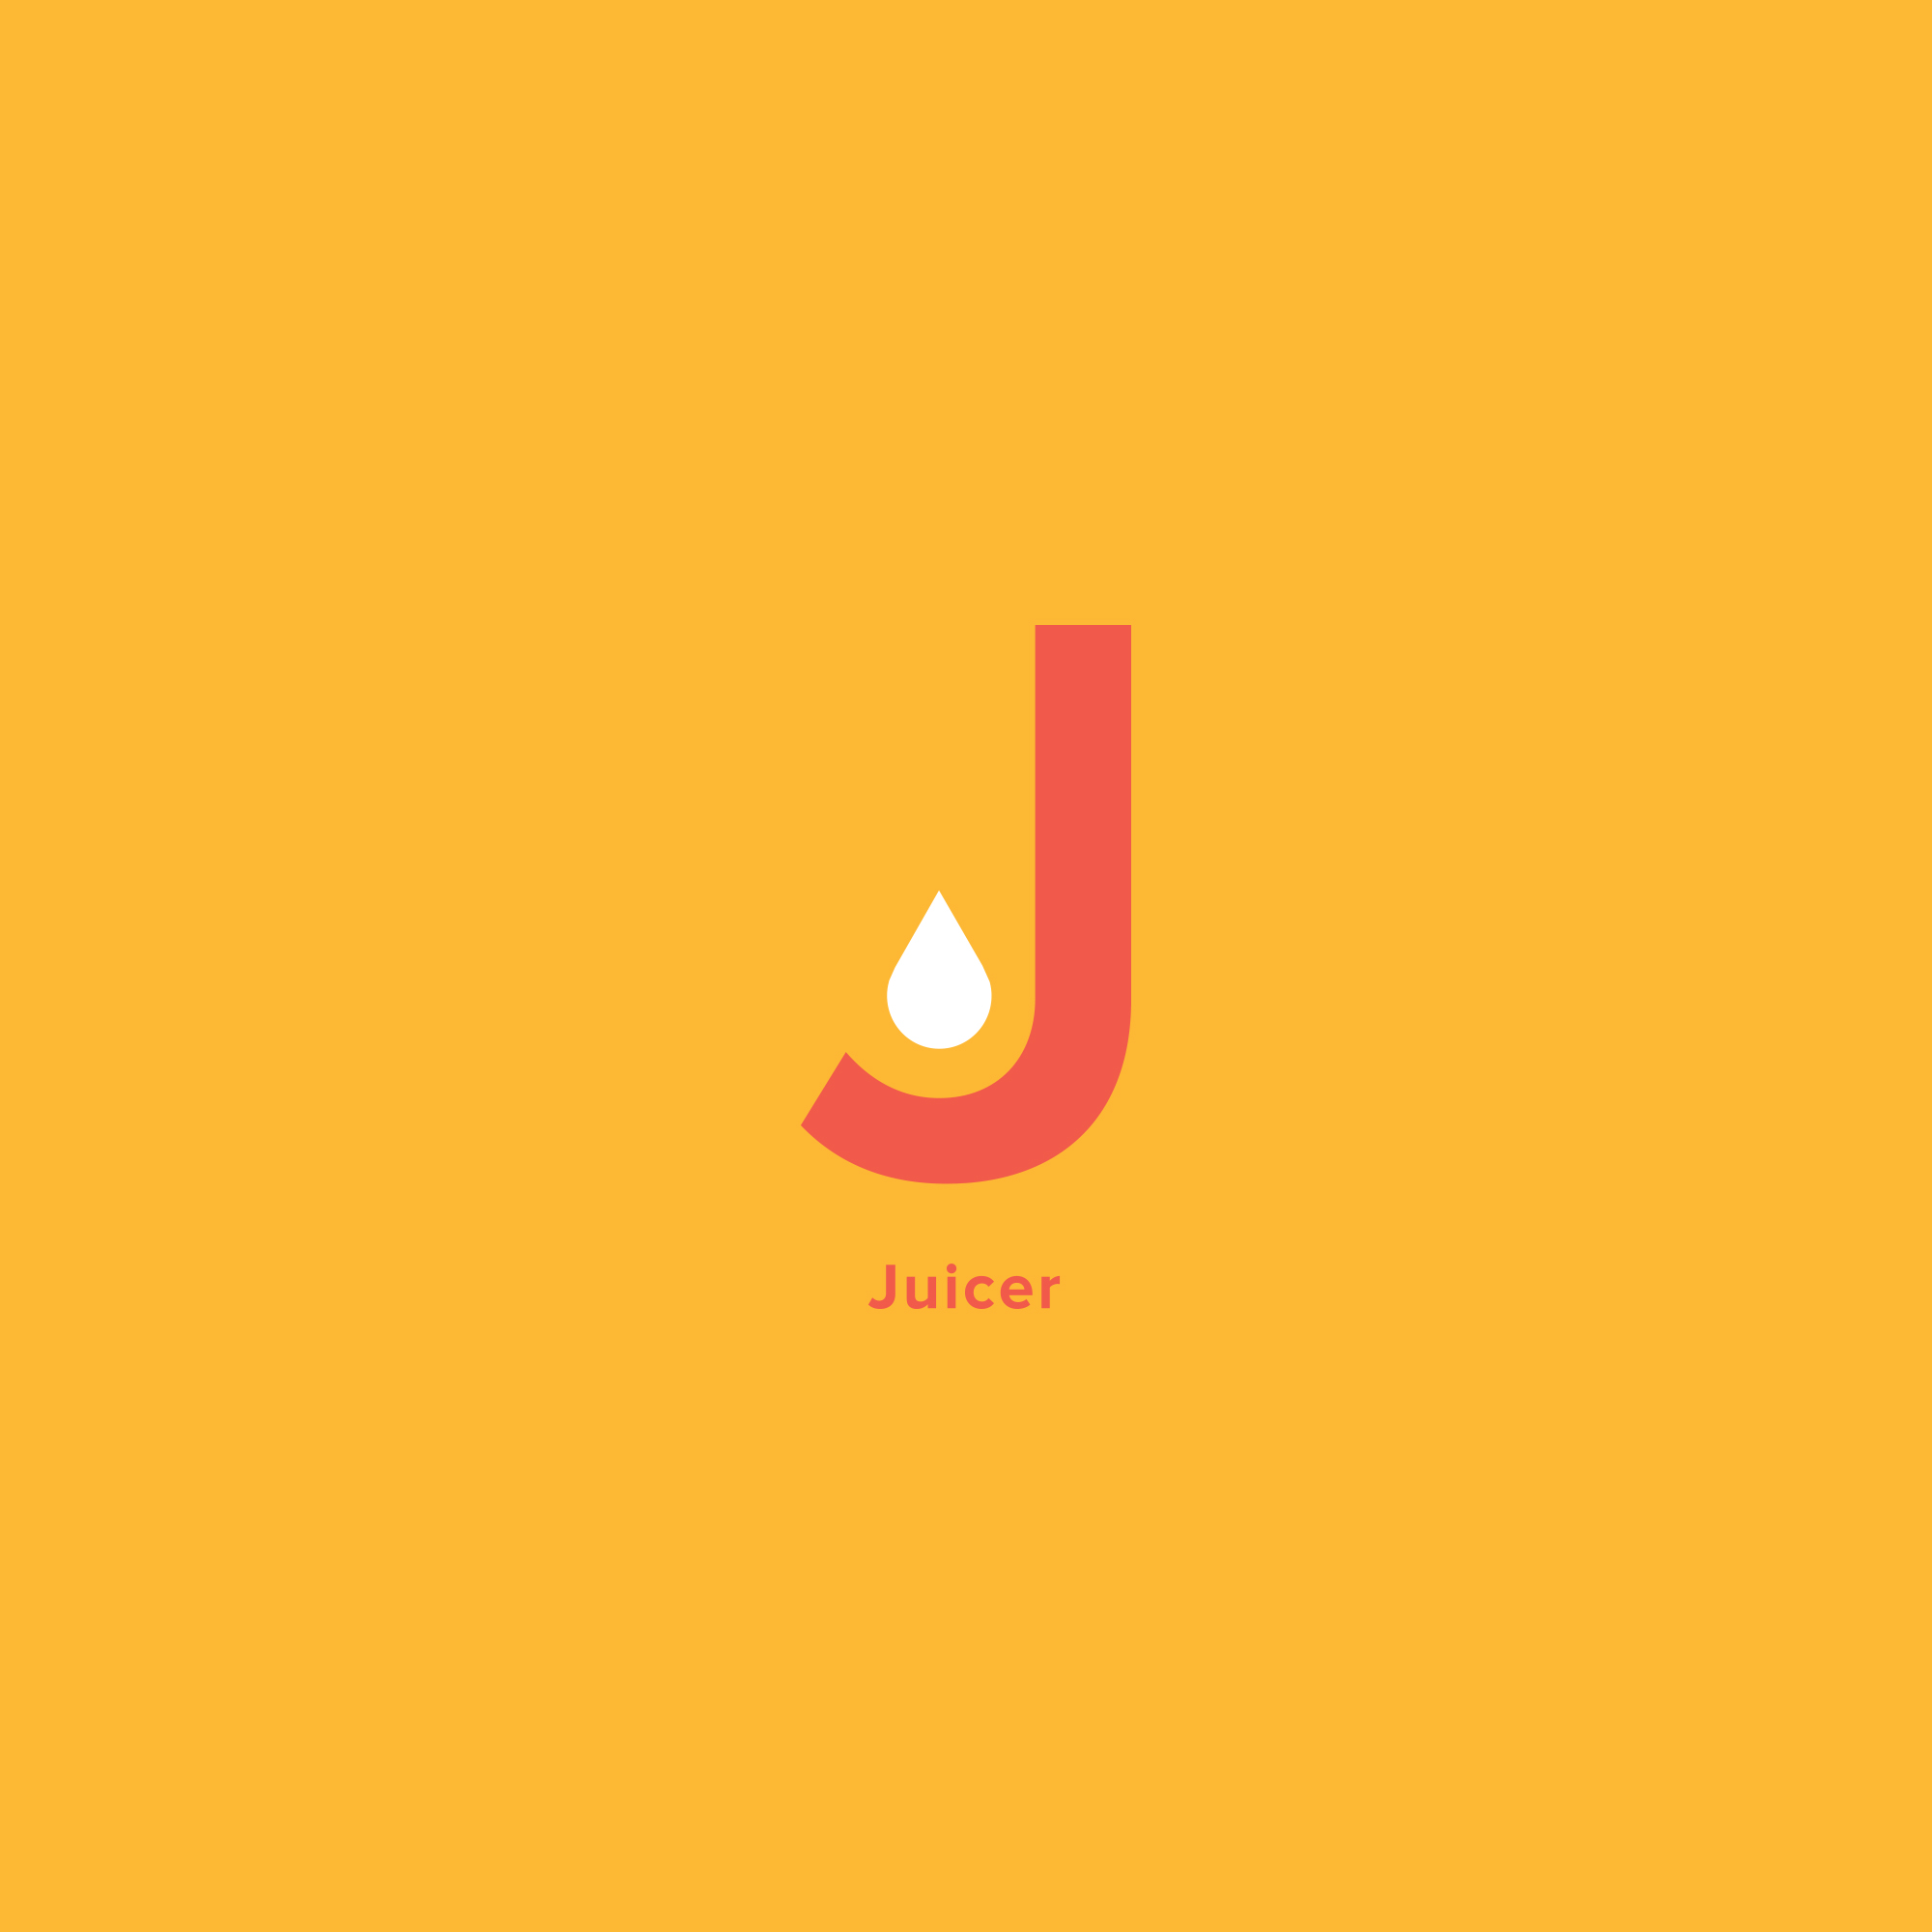 juicer_2.jpg